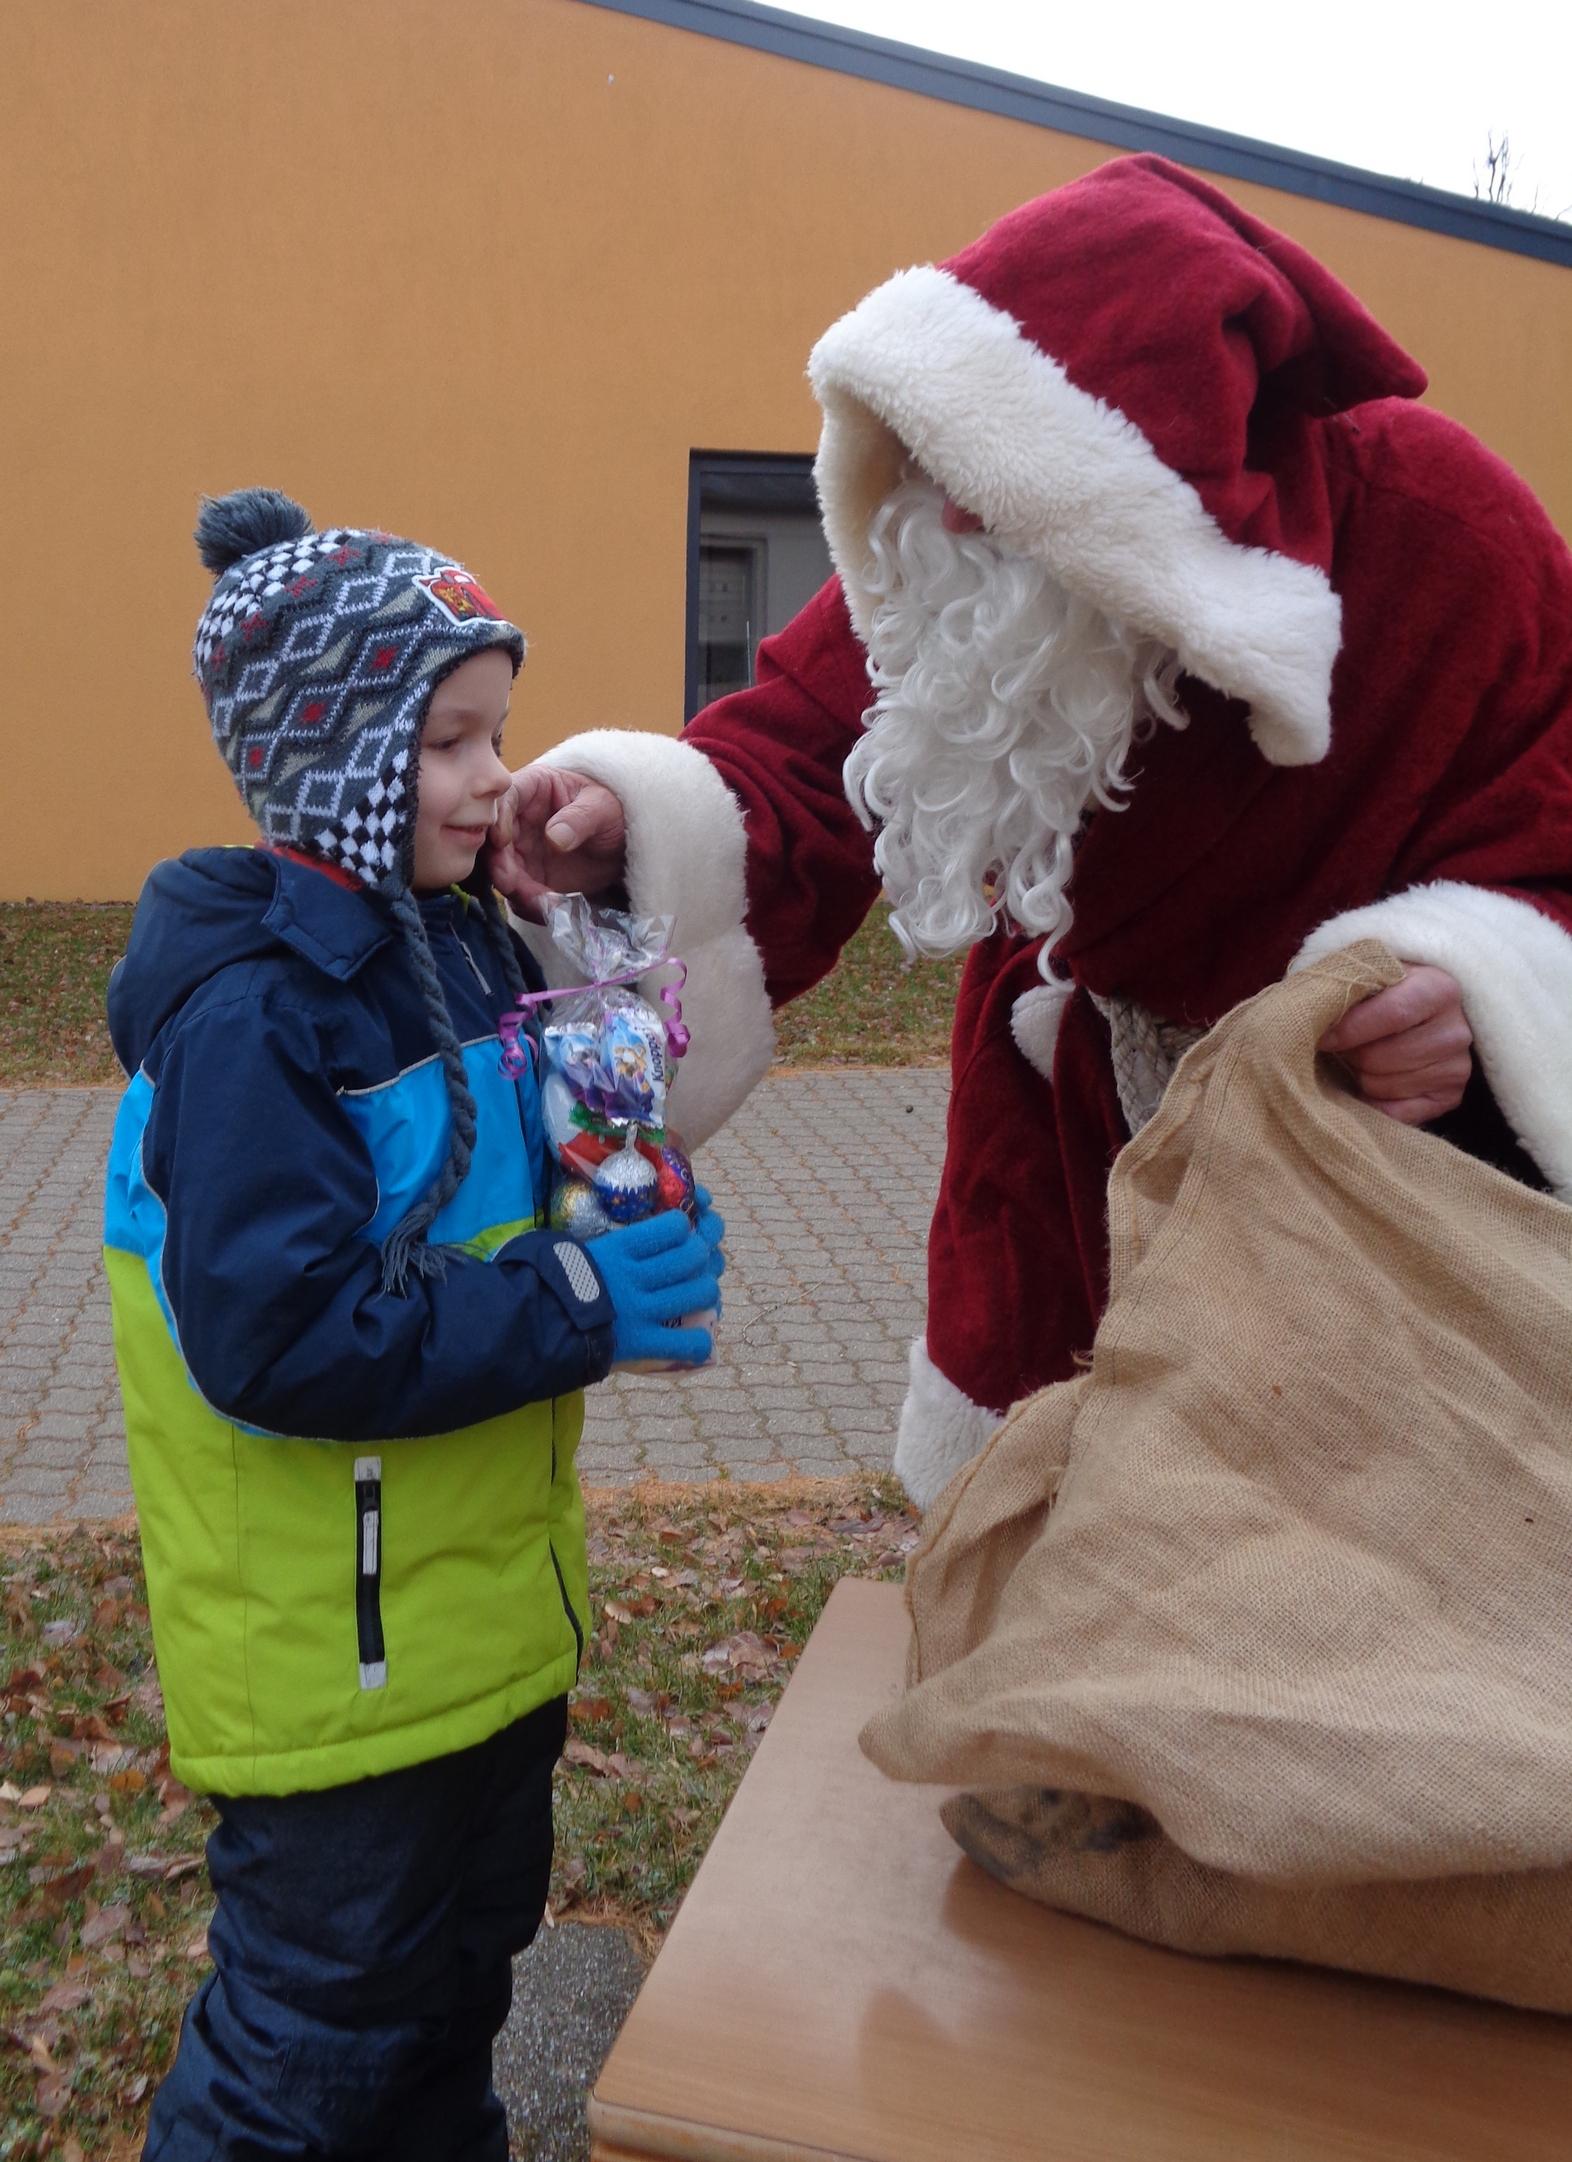 Der Weihnachstmann bringt Geschenke